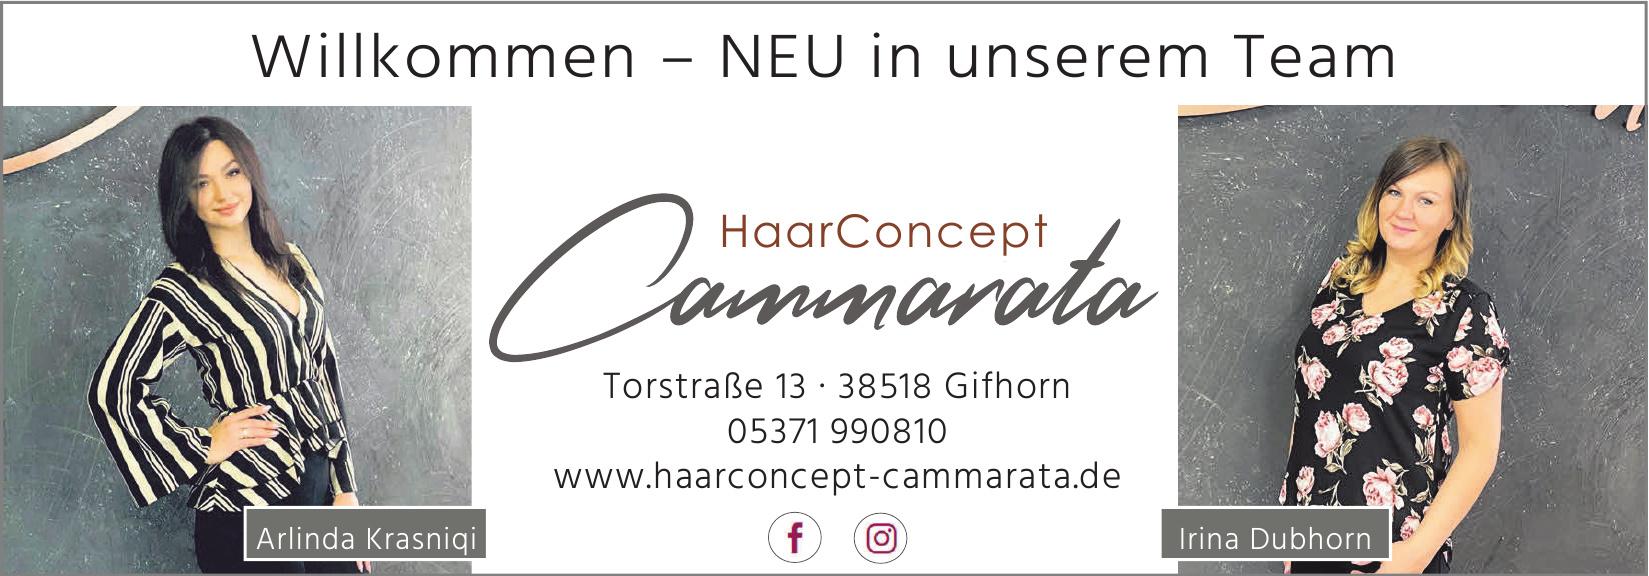 HaarConcept Cammarata